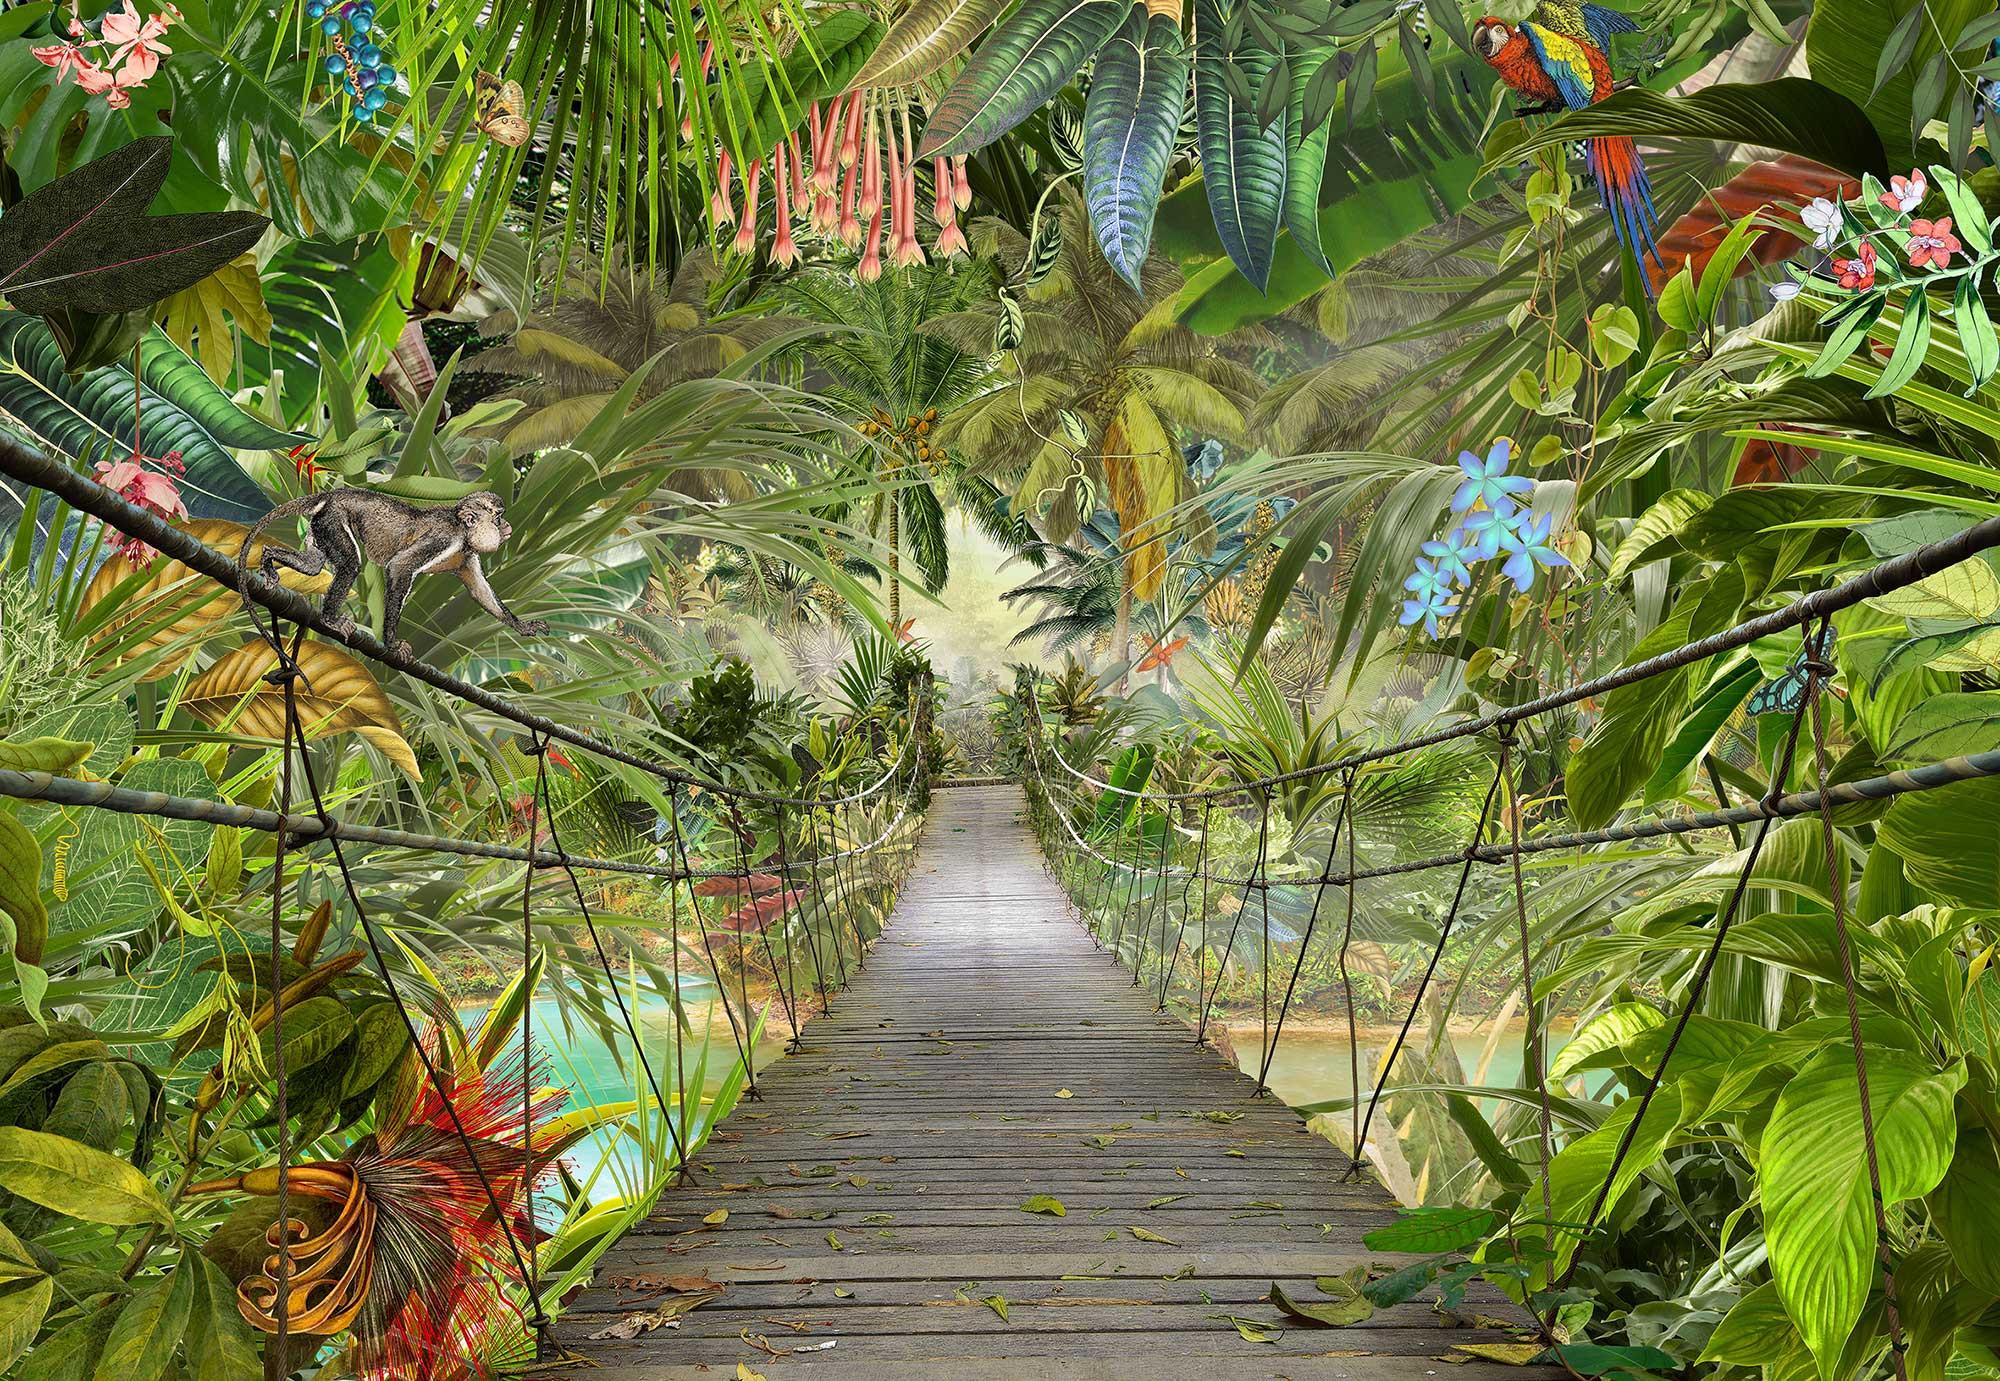 Wild Bridge